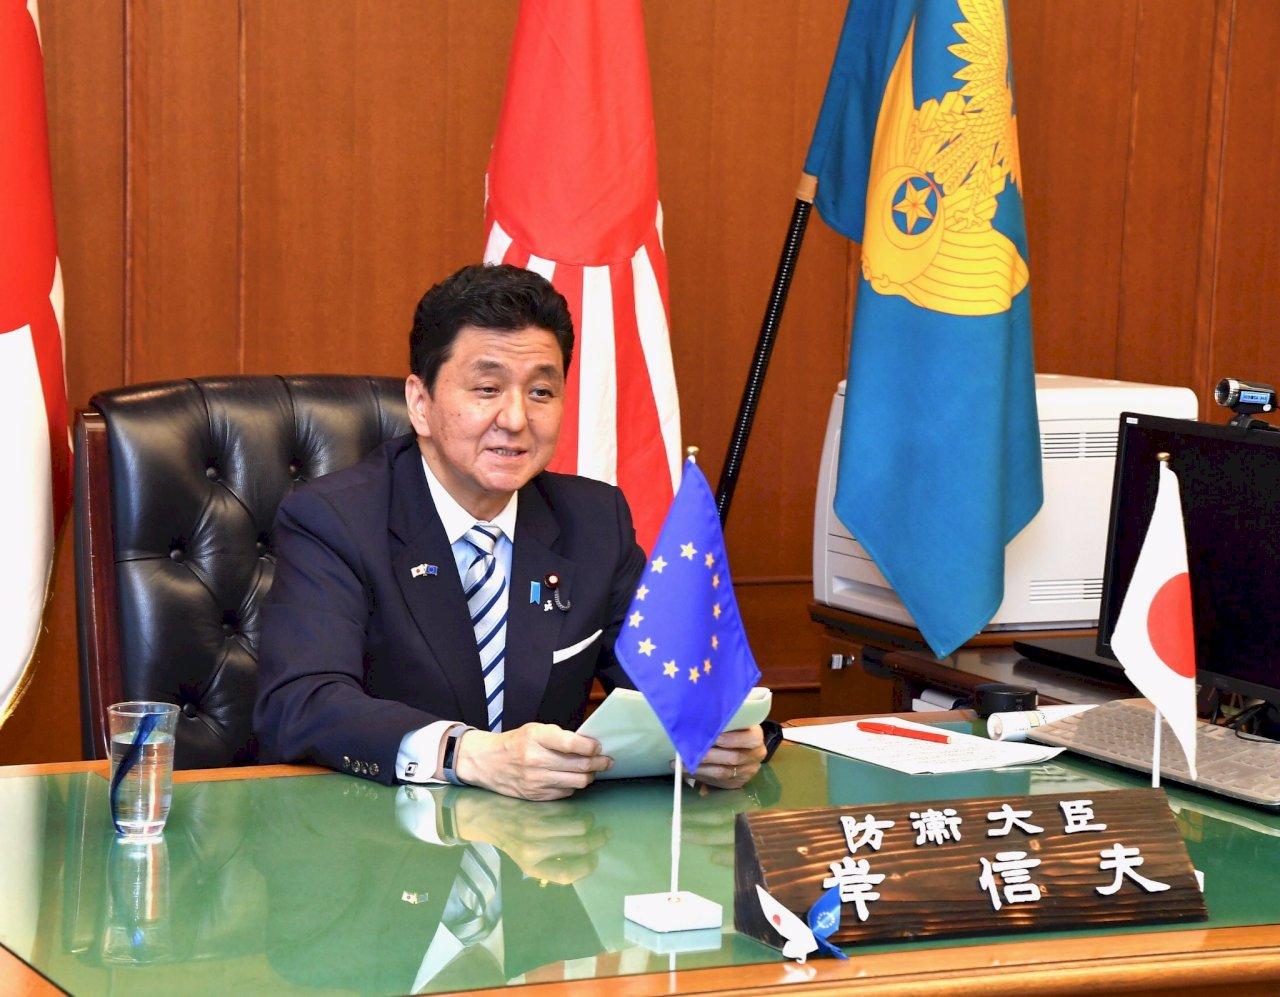 日防相籲歐盟合力抗中 重申台灣情勢穩定重要性